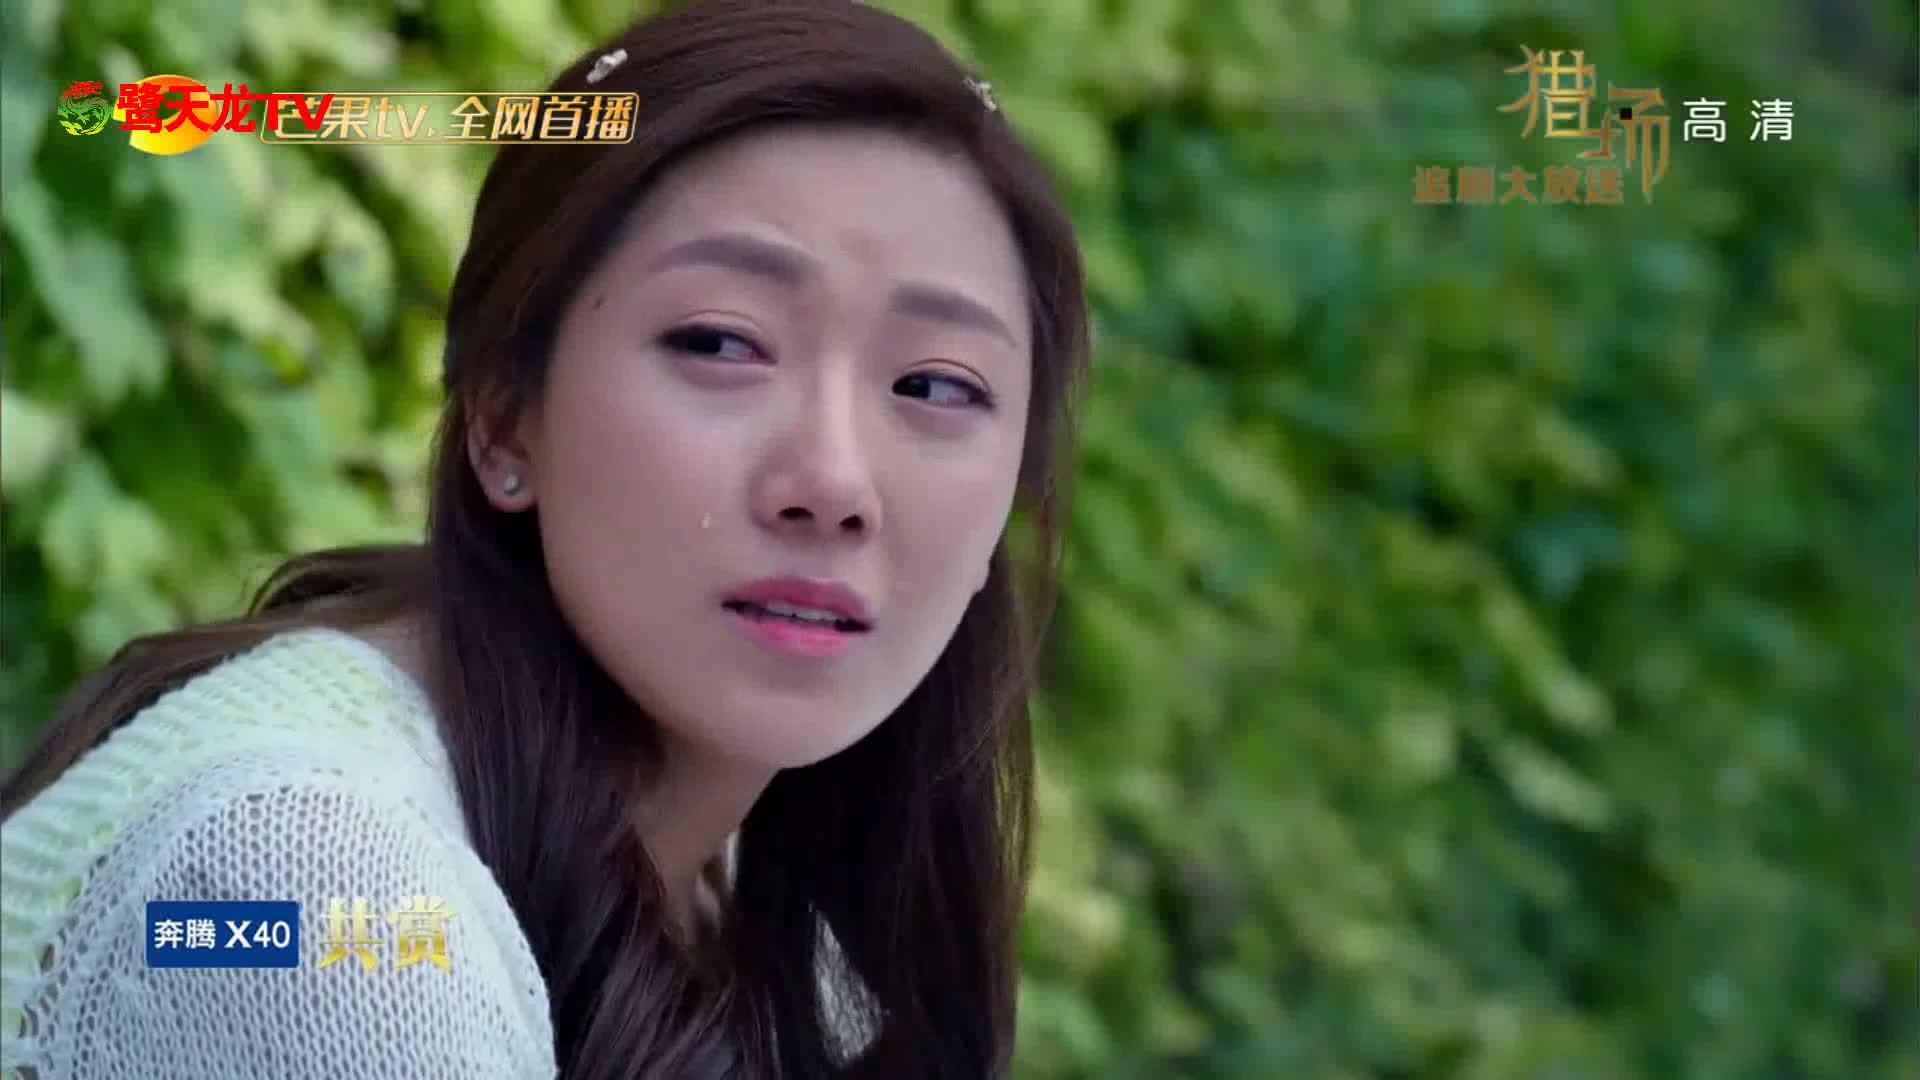 《猎场》追剧大放送:郑秋冬伊人上演深情虐恋